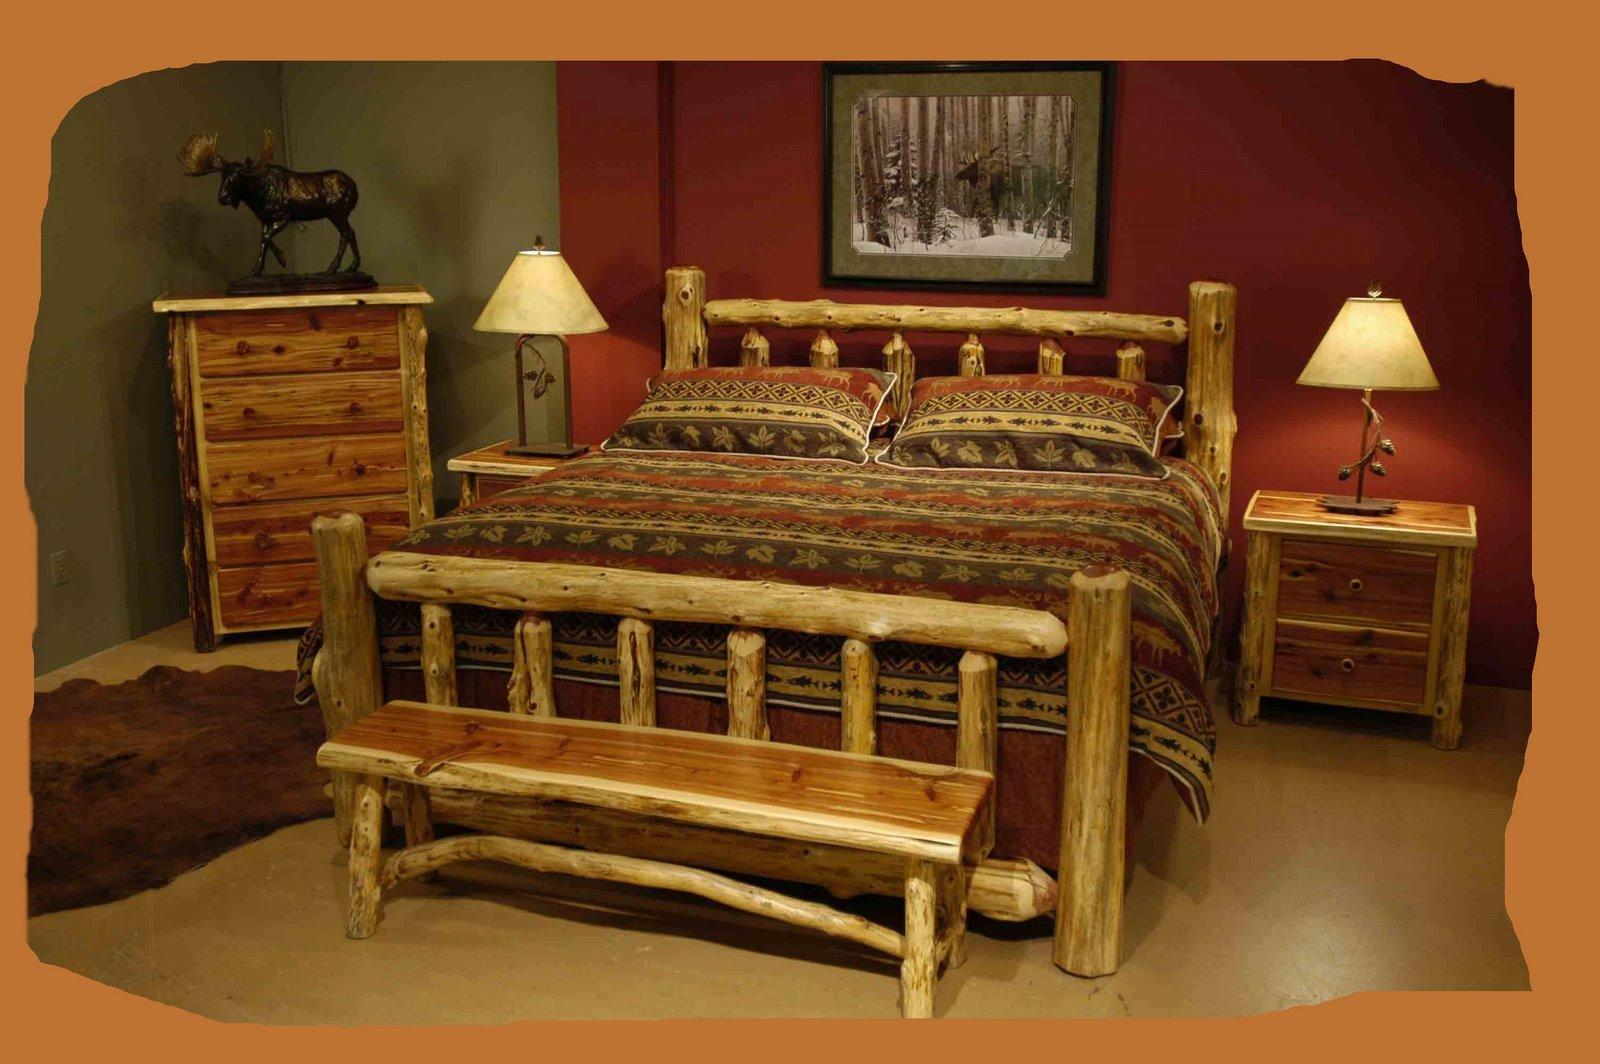 Rustic chic home decor a batty life - Rustic elegant bedroom furniture ...